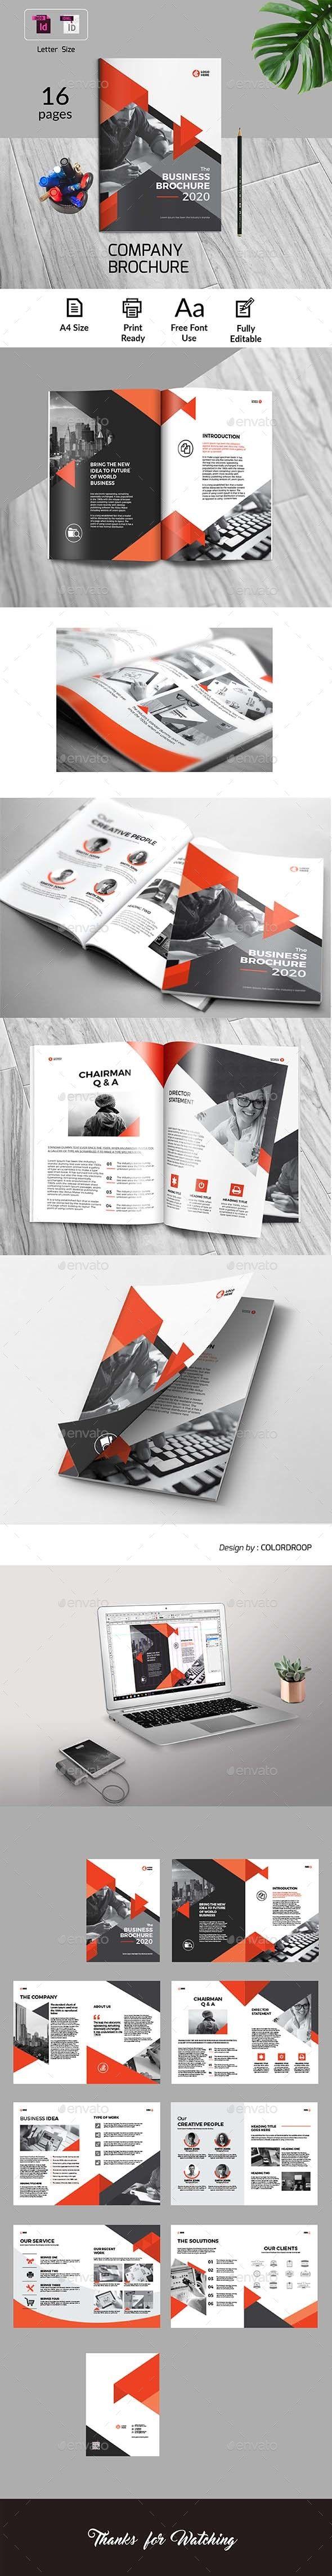 Company Brochure | Diseño editorial, Editorial y Arte gráfico